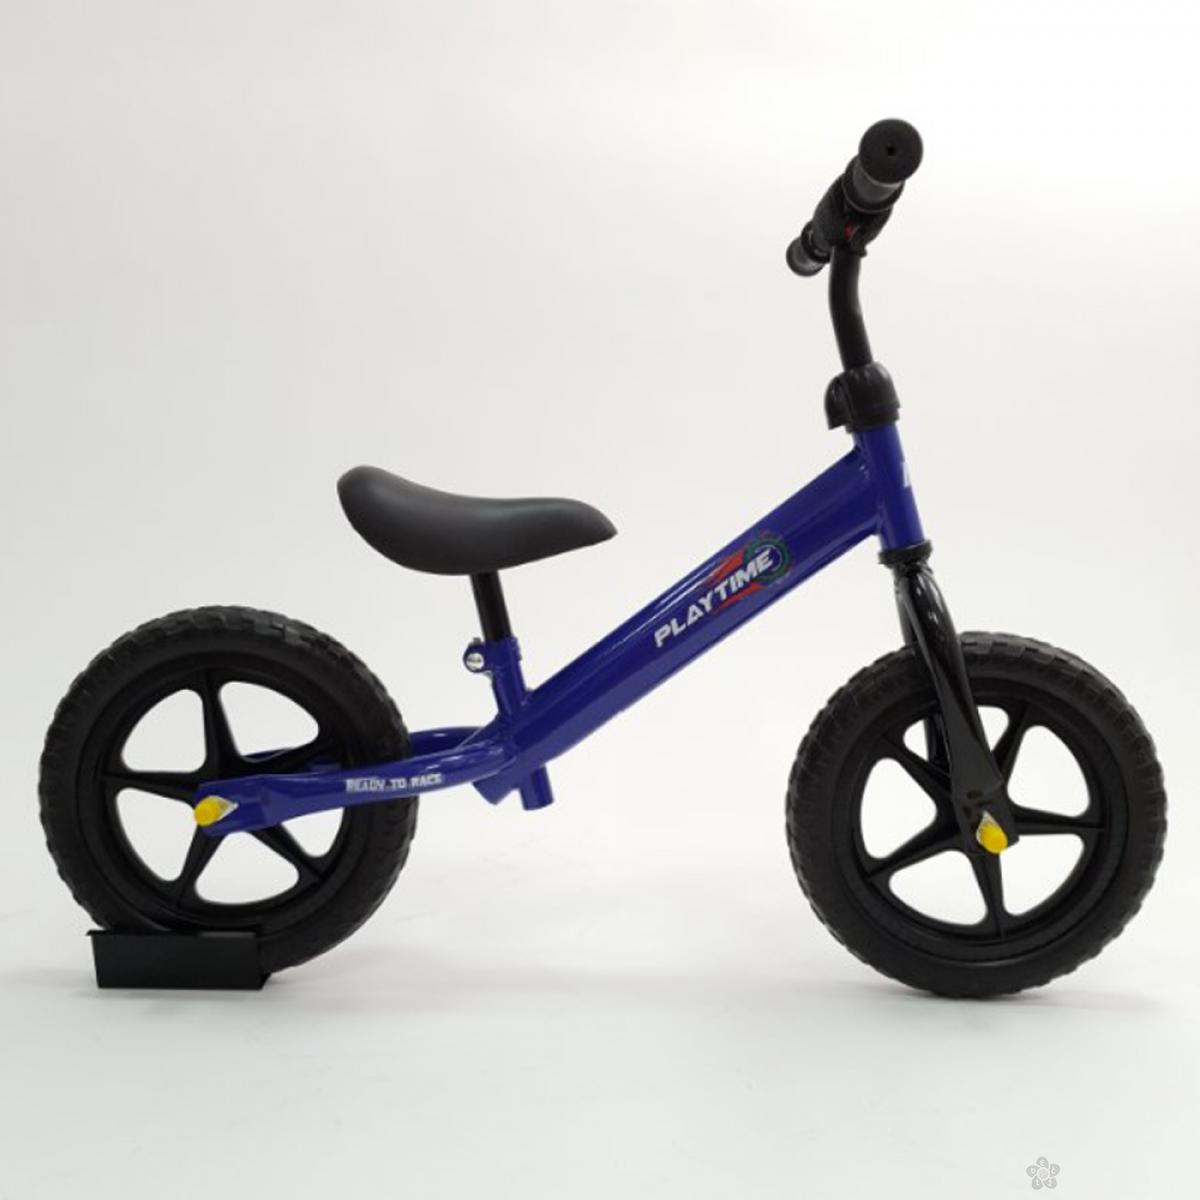 Biciklo za decu Balance bike, model 750 plava